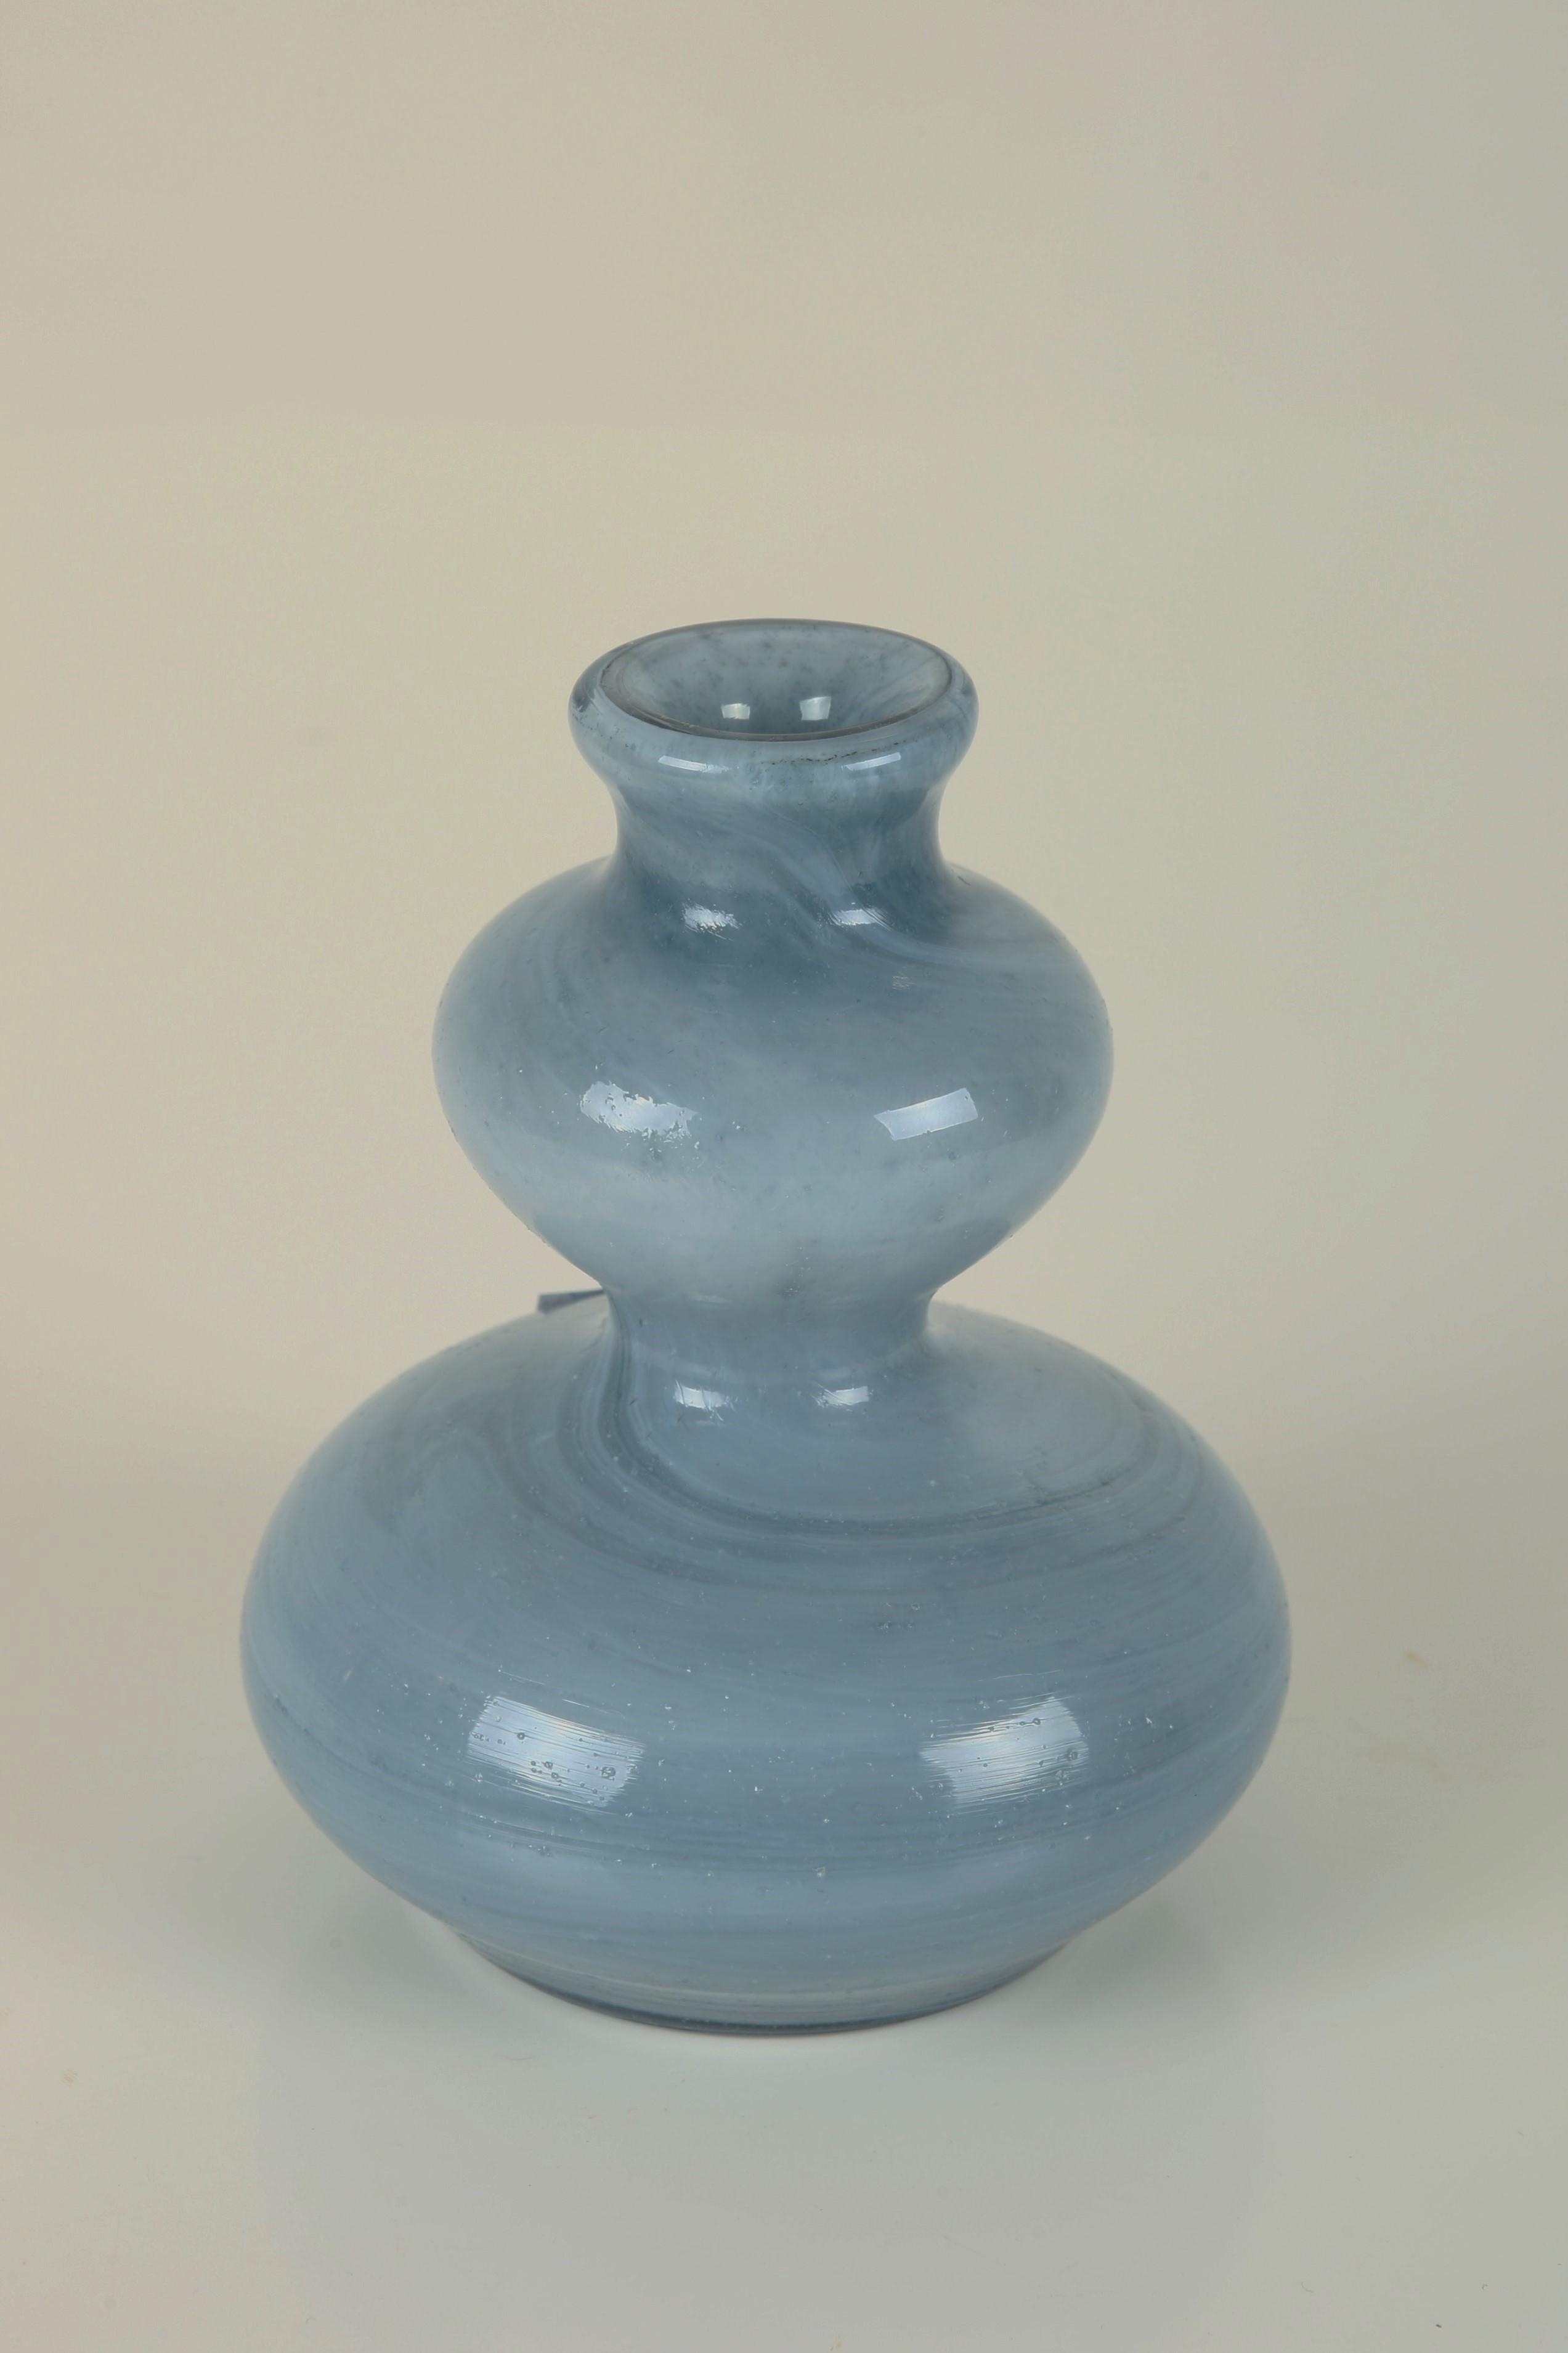 39 blue lava 39 glass vase candle holder by per lutken for. Black Bedroom Furniture Sets. Home Design Ideas